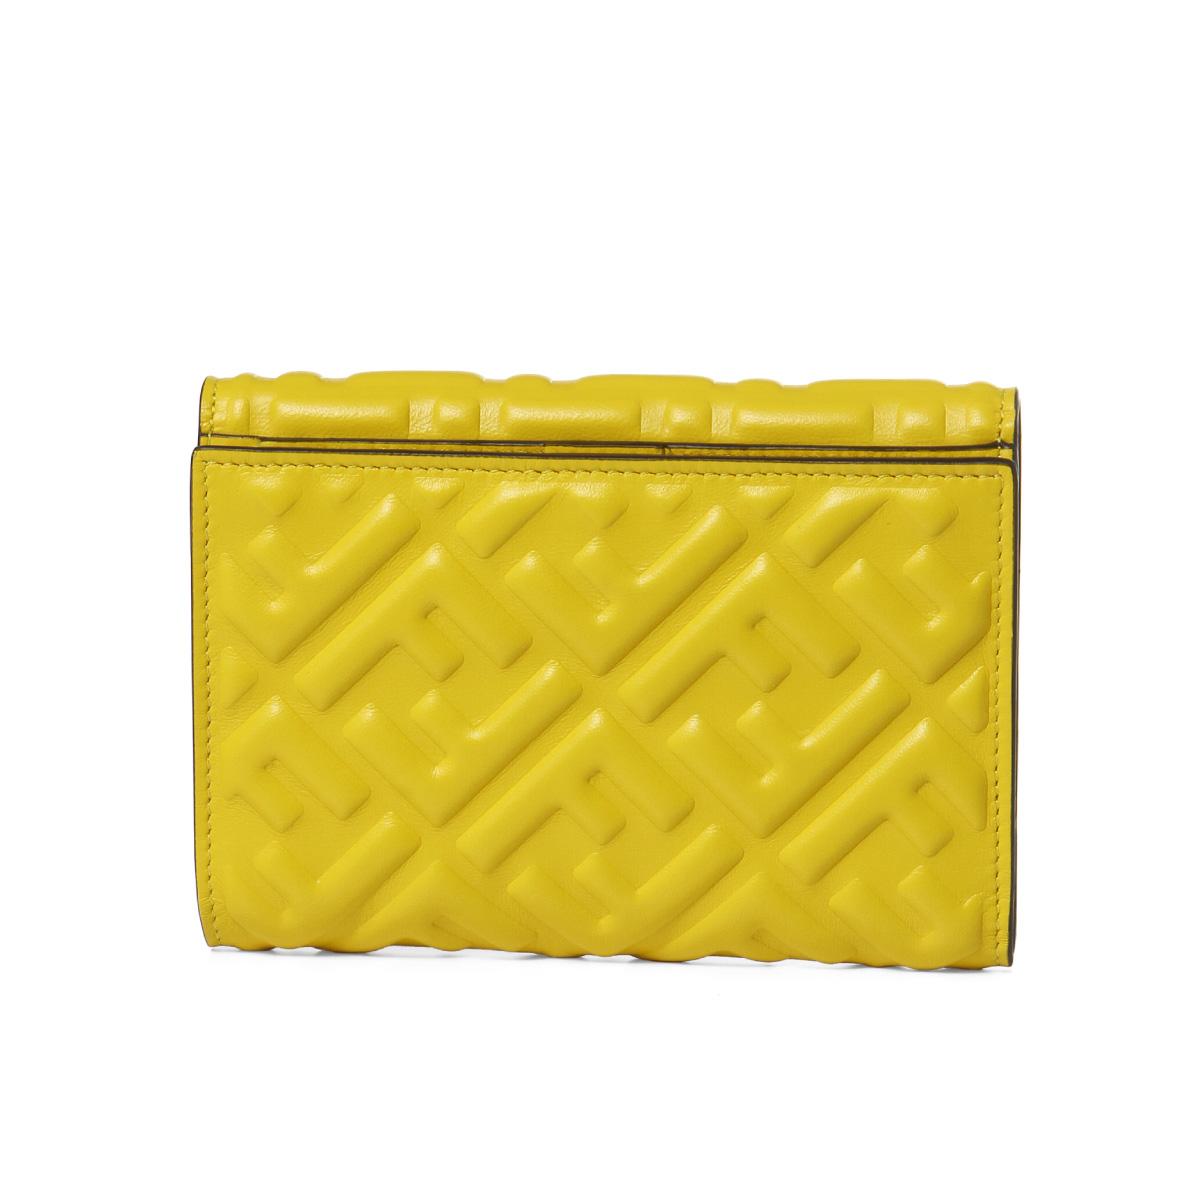 FENDI フェンディ | 二つ折り財布 ミディアム